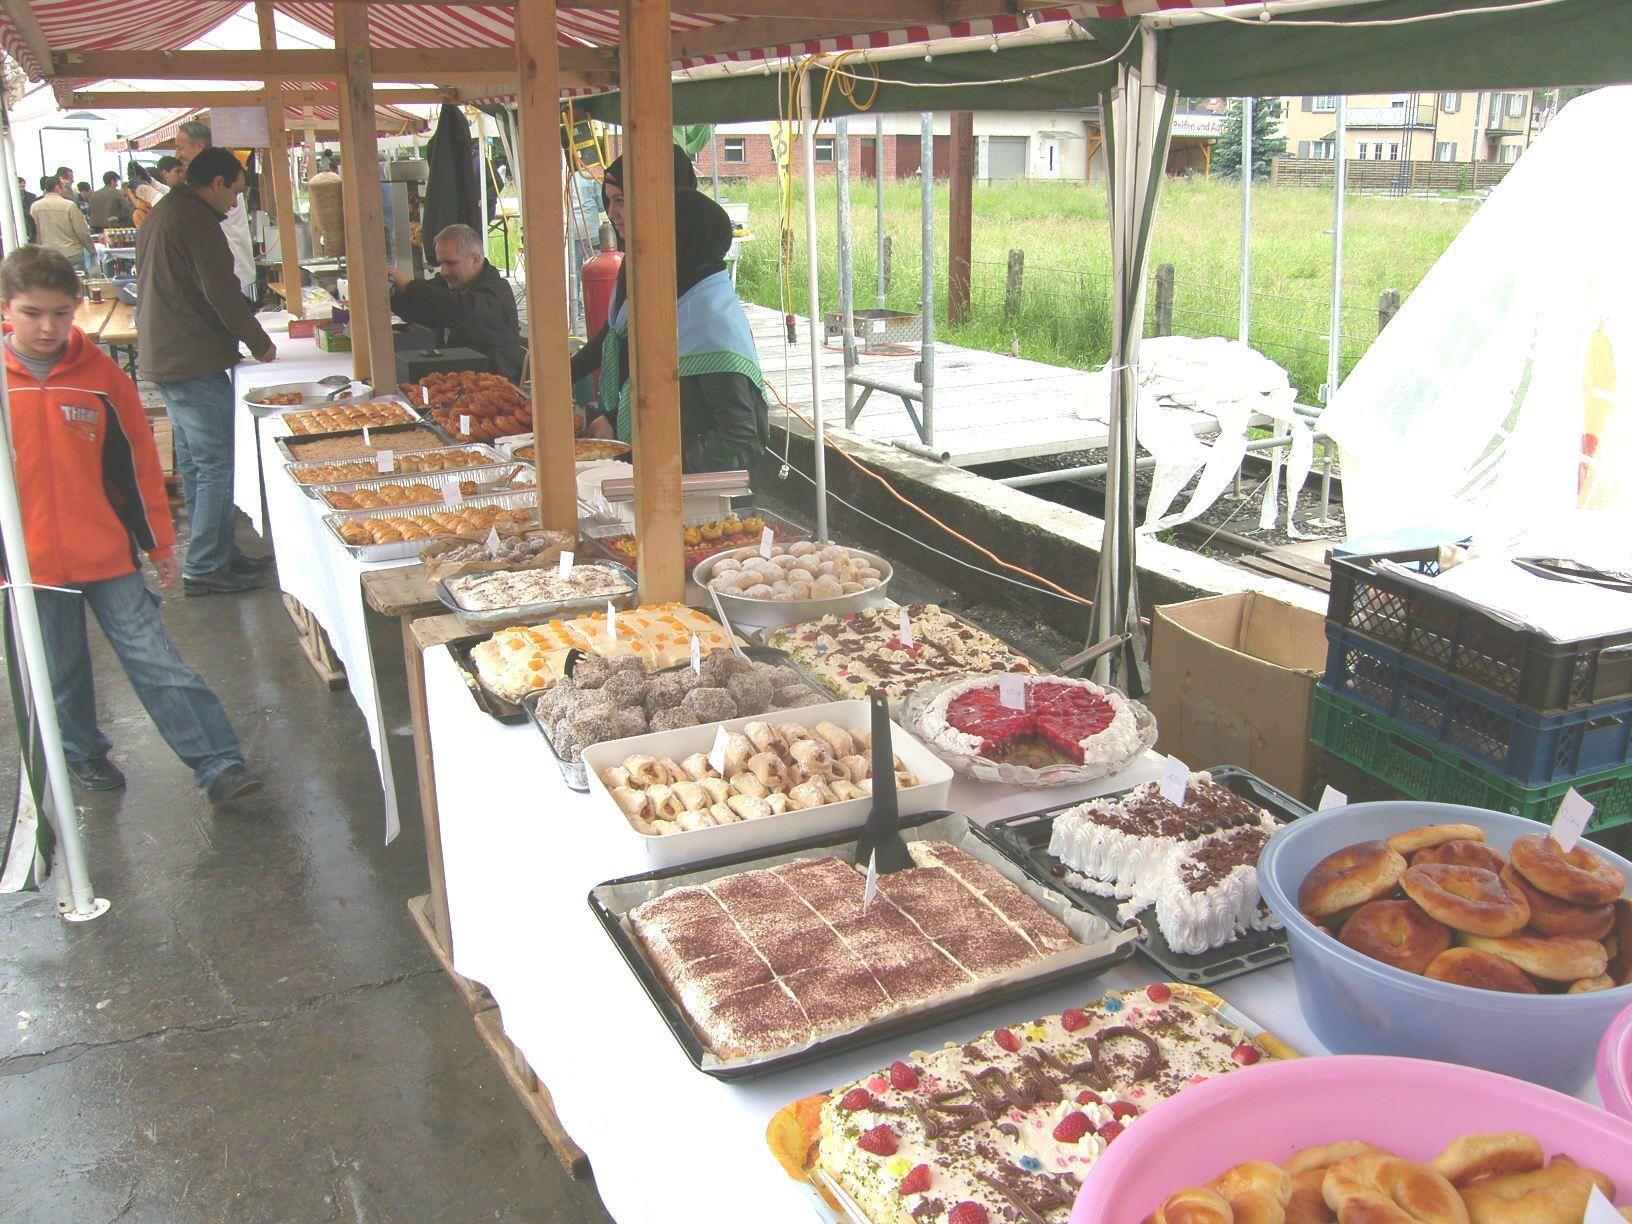 Ein Fest der Kulturen findet am Freitag, 11. Mai 2012 von 15 bis 19 Uhr in der Feldkircher Marktgasse statt.